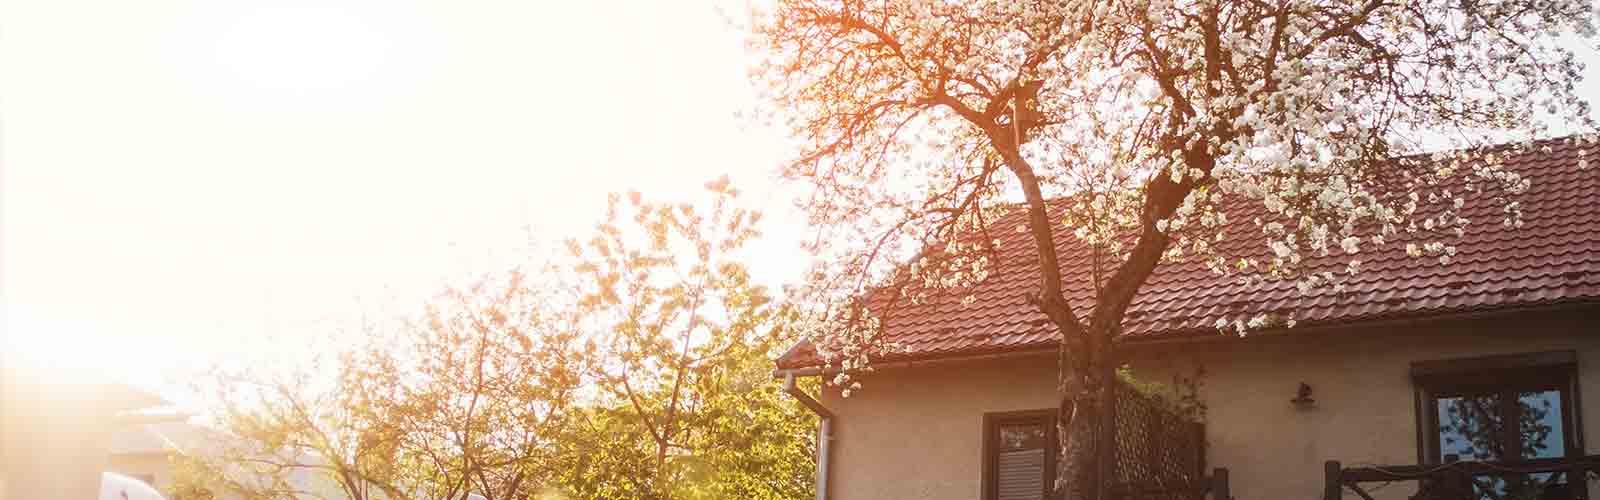 Baumpflege Rohrbeck - Dach- und Fassadenfreischnitt